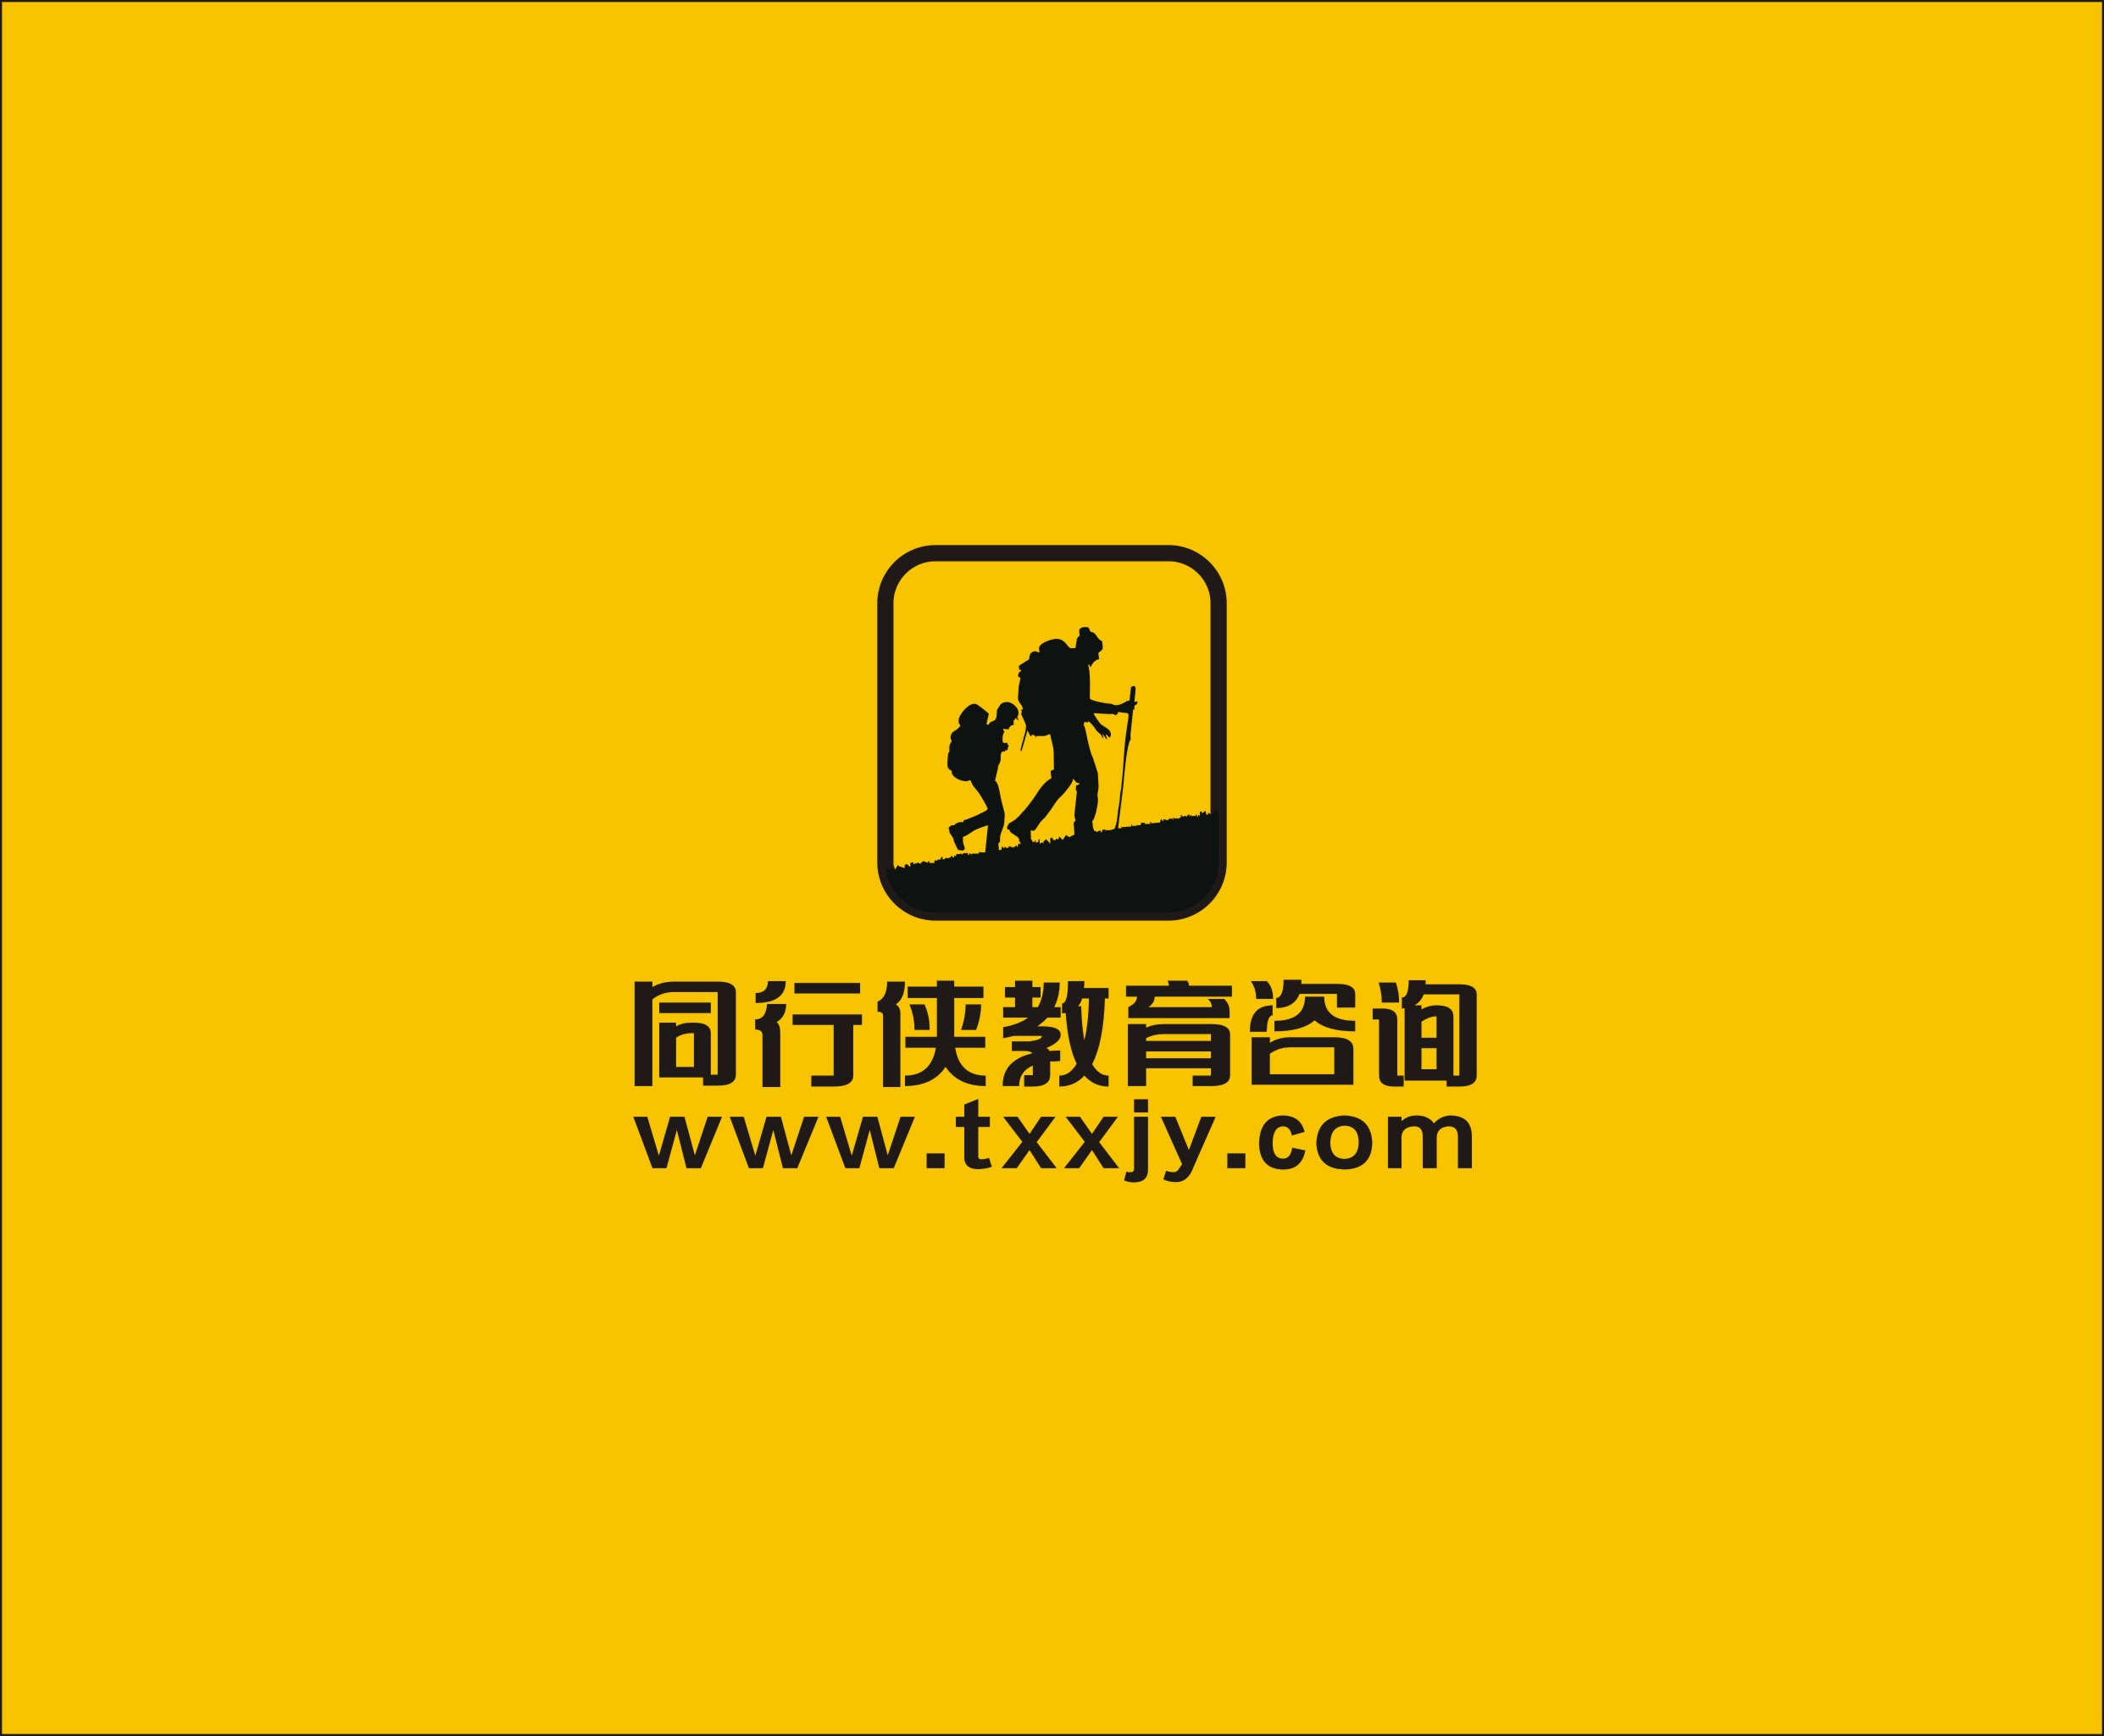 福州同行侠教育咨询有限公司_2967572_k68威客网